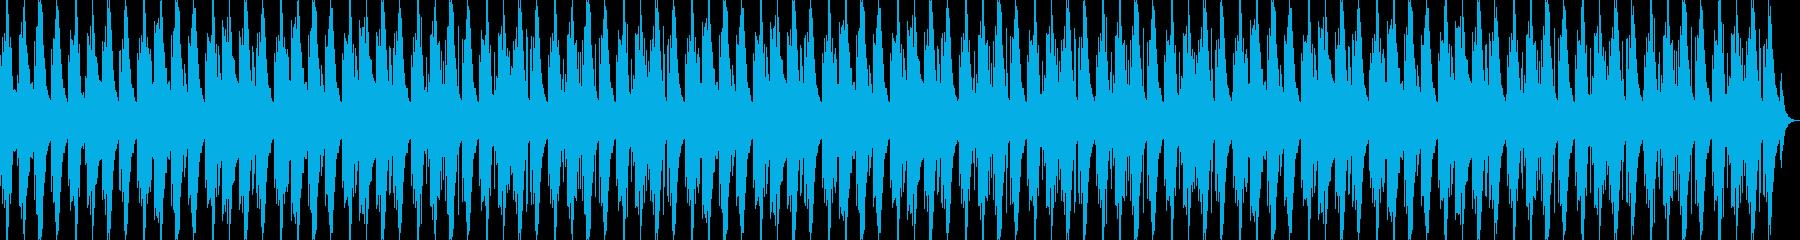 ヒーリング・ヨガ・マッサージの再生済みの波形